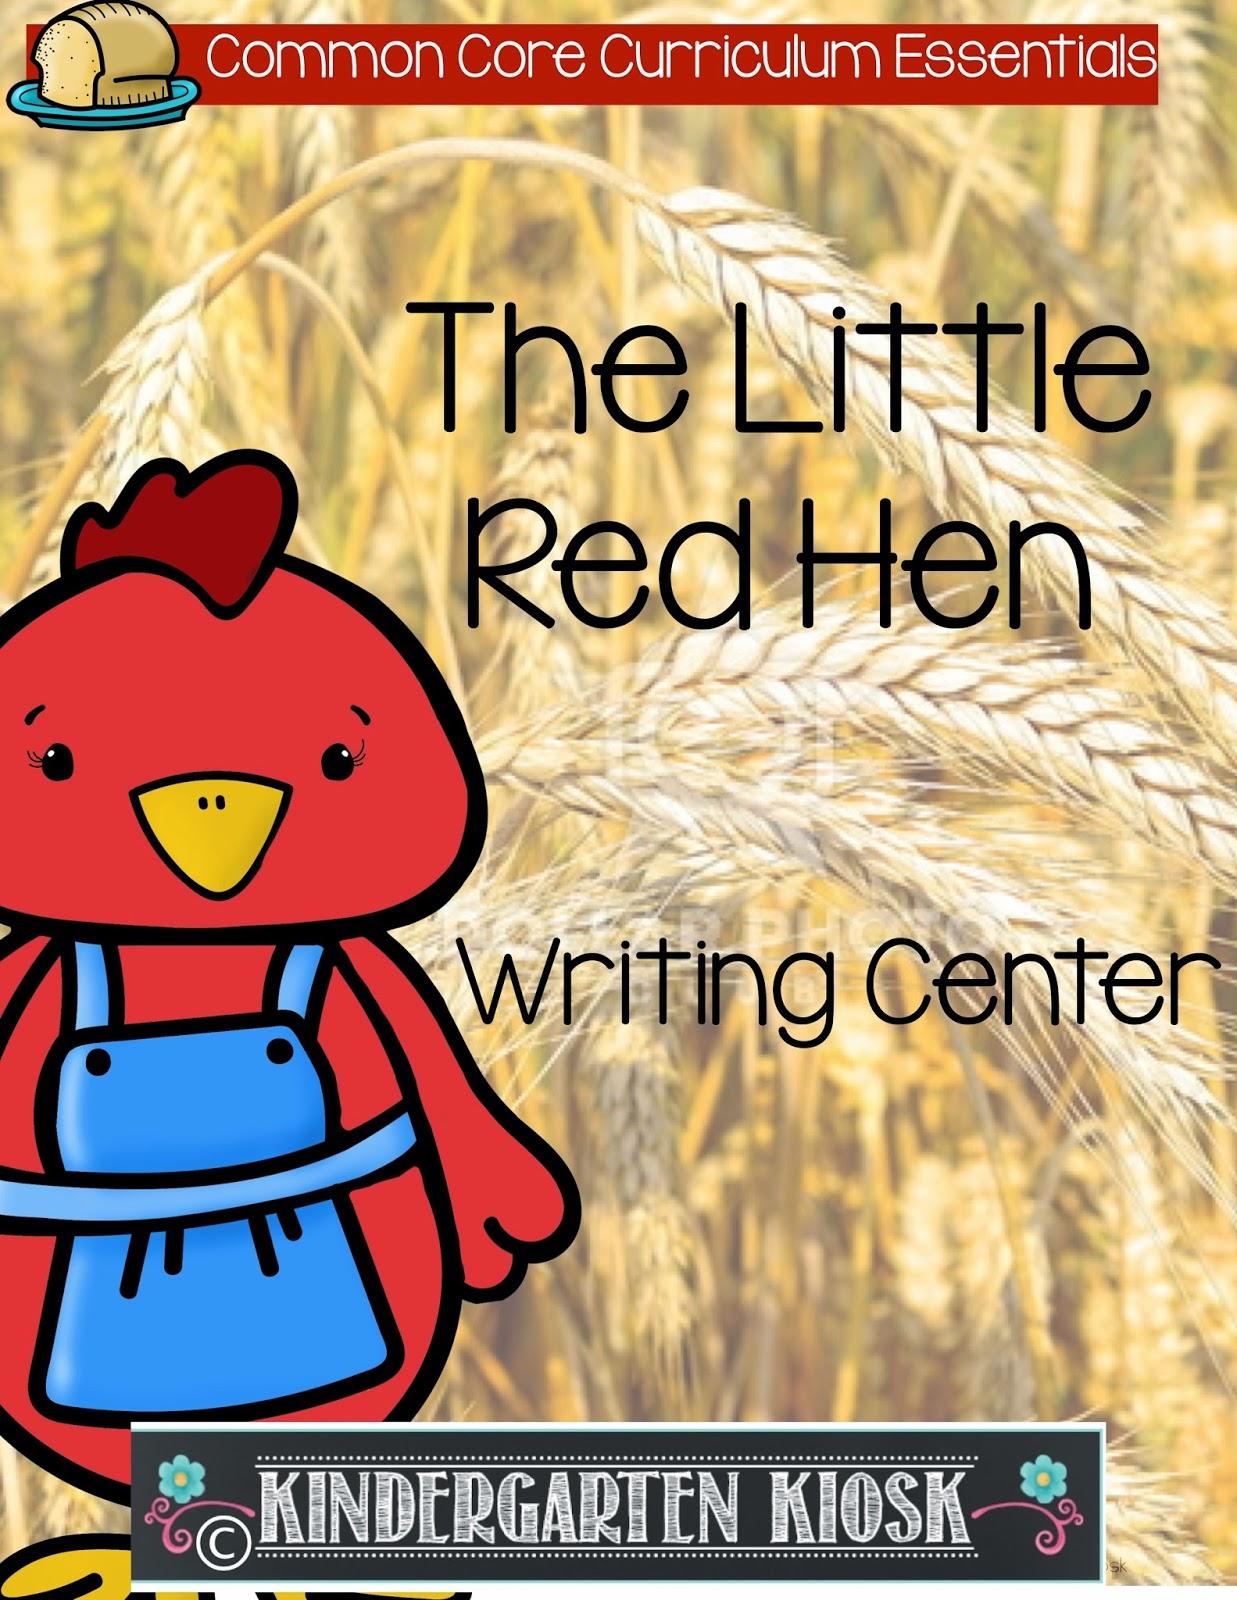 Kindergarten Kiosk The Little Red Hen